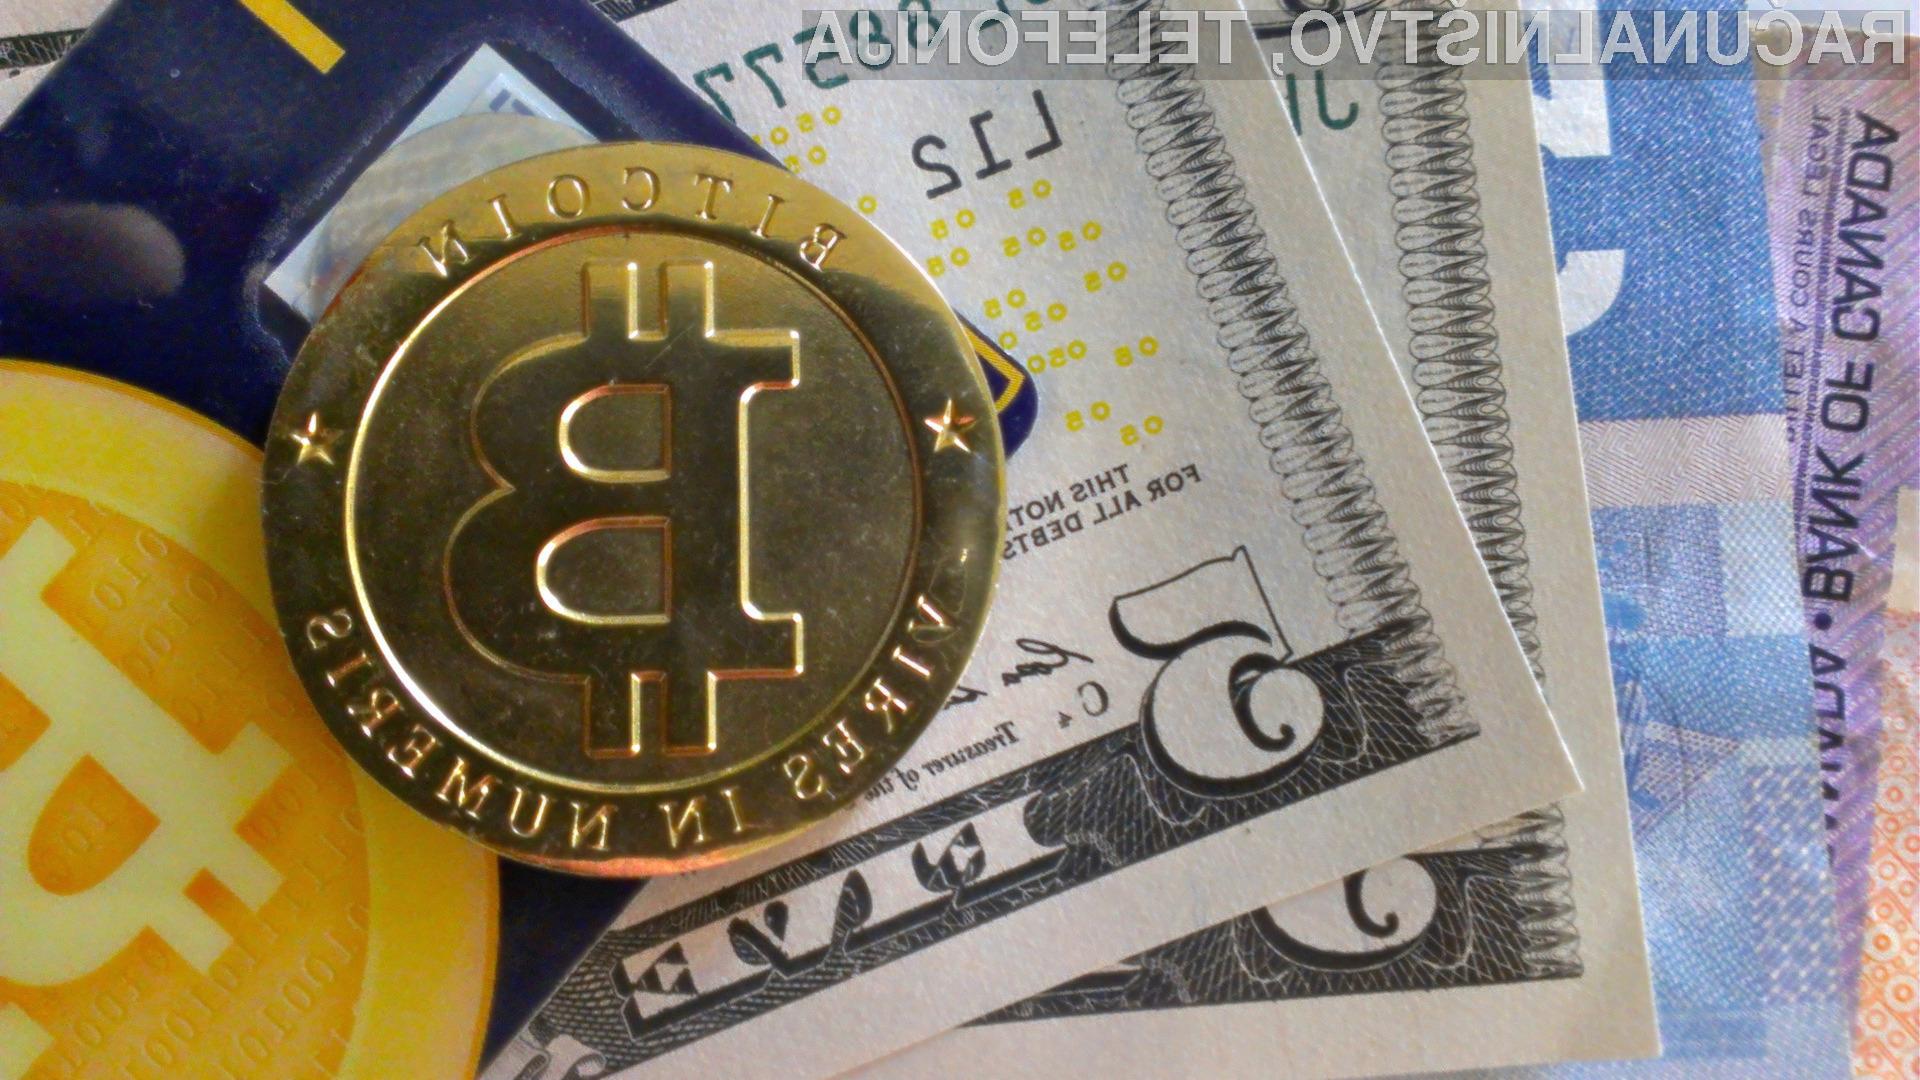 Storitve borze za bitcoine Coinbase lahko koristijo tudi podjetja.